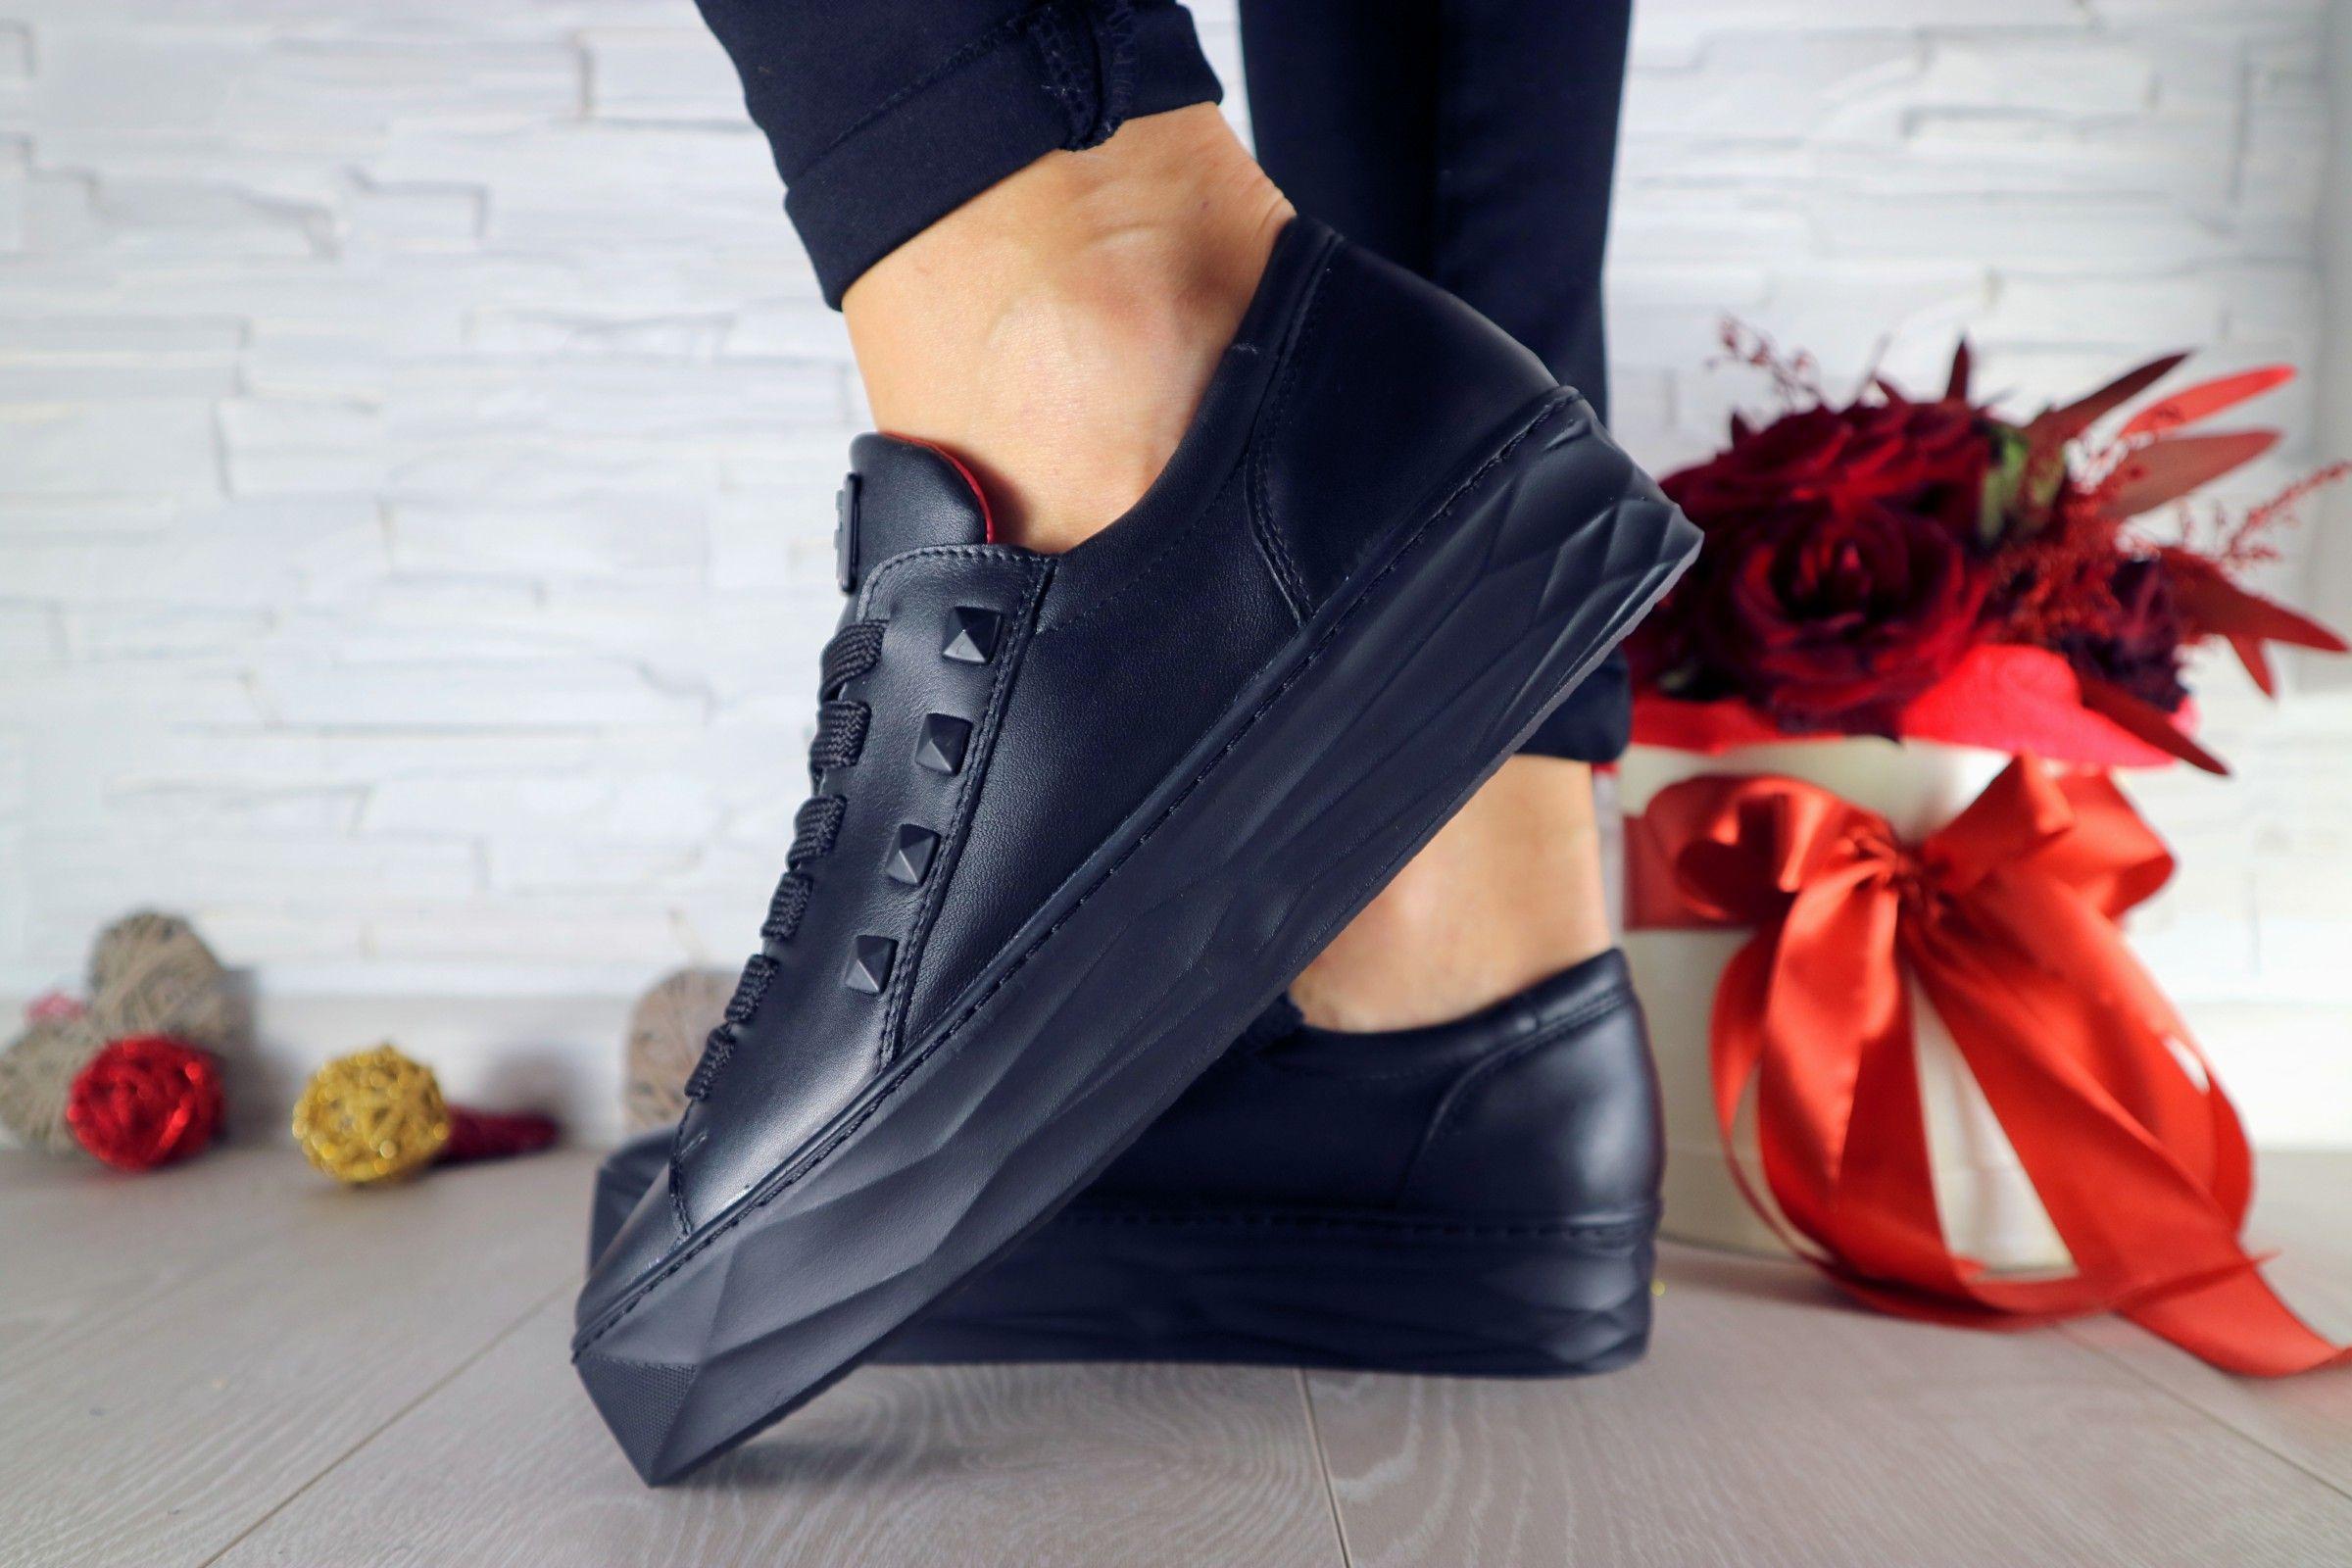 be1c51ef Дропшиппинг Мужская обувь Украина, Мужские кроссовки, Прямой поставщик,  Дропшиппинг обуви, Обувь оптом